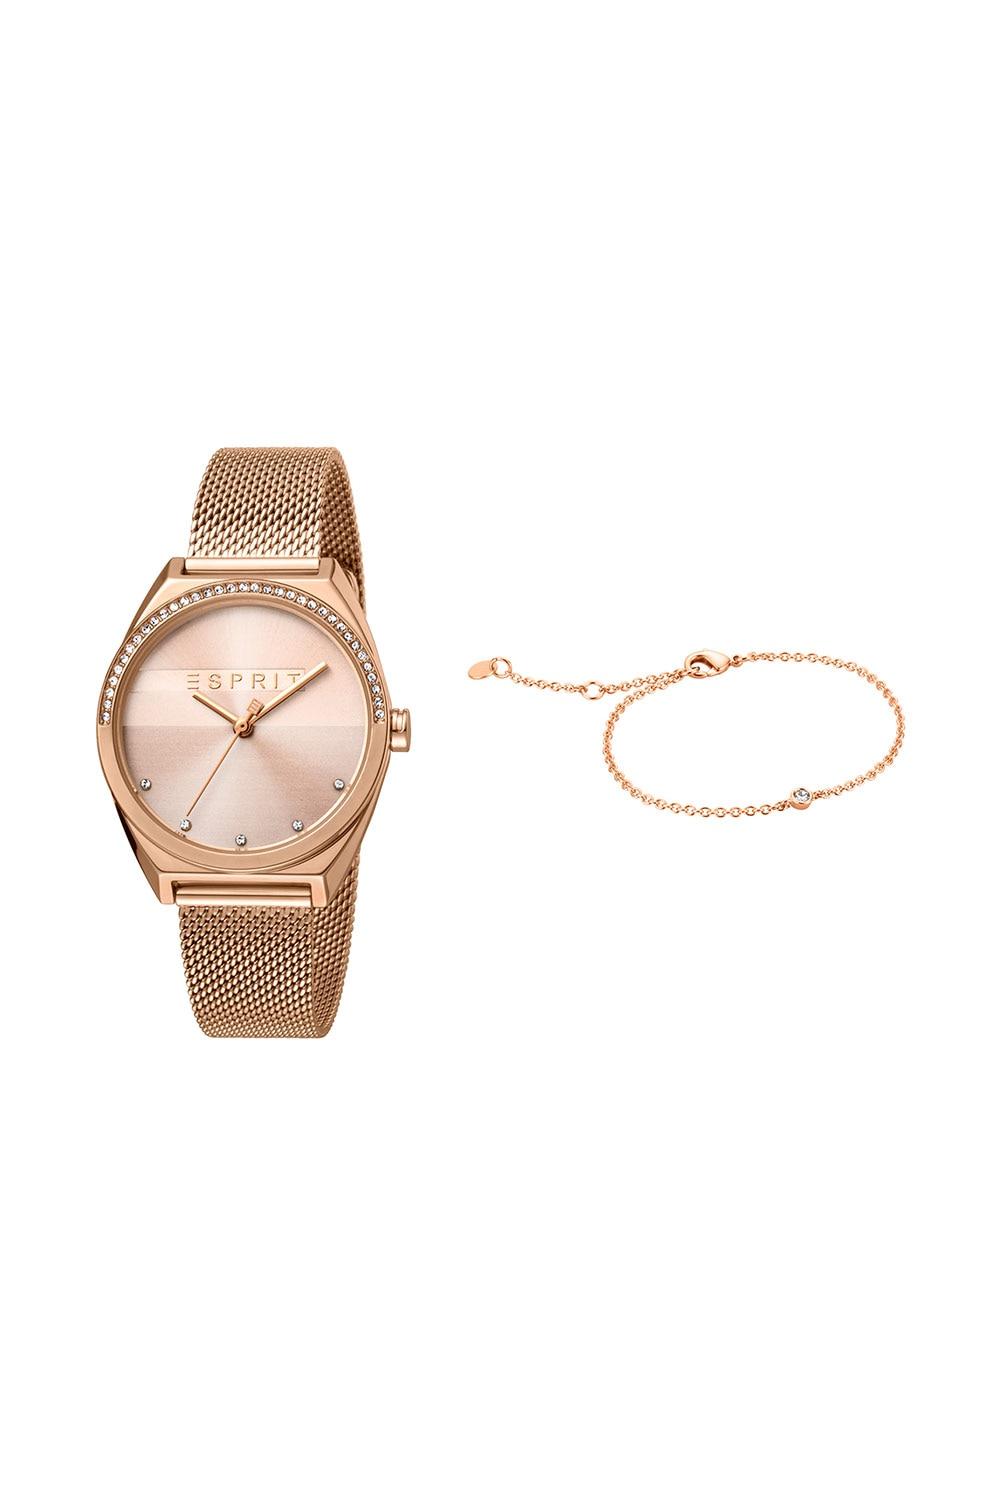 Fotografie Esprit, Set de ceas si bratara, Auriu rose